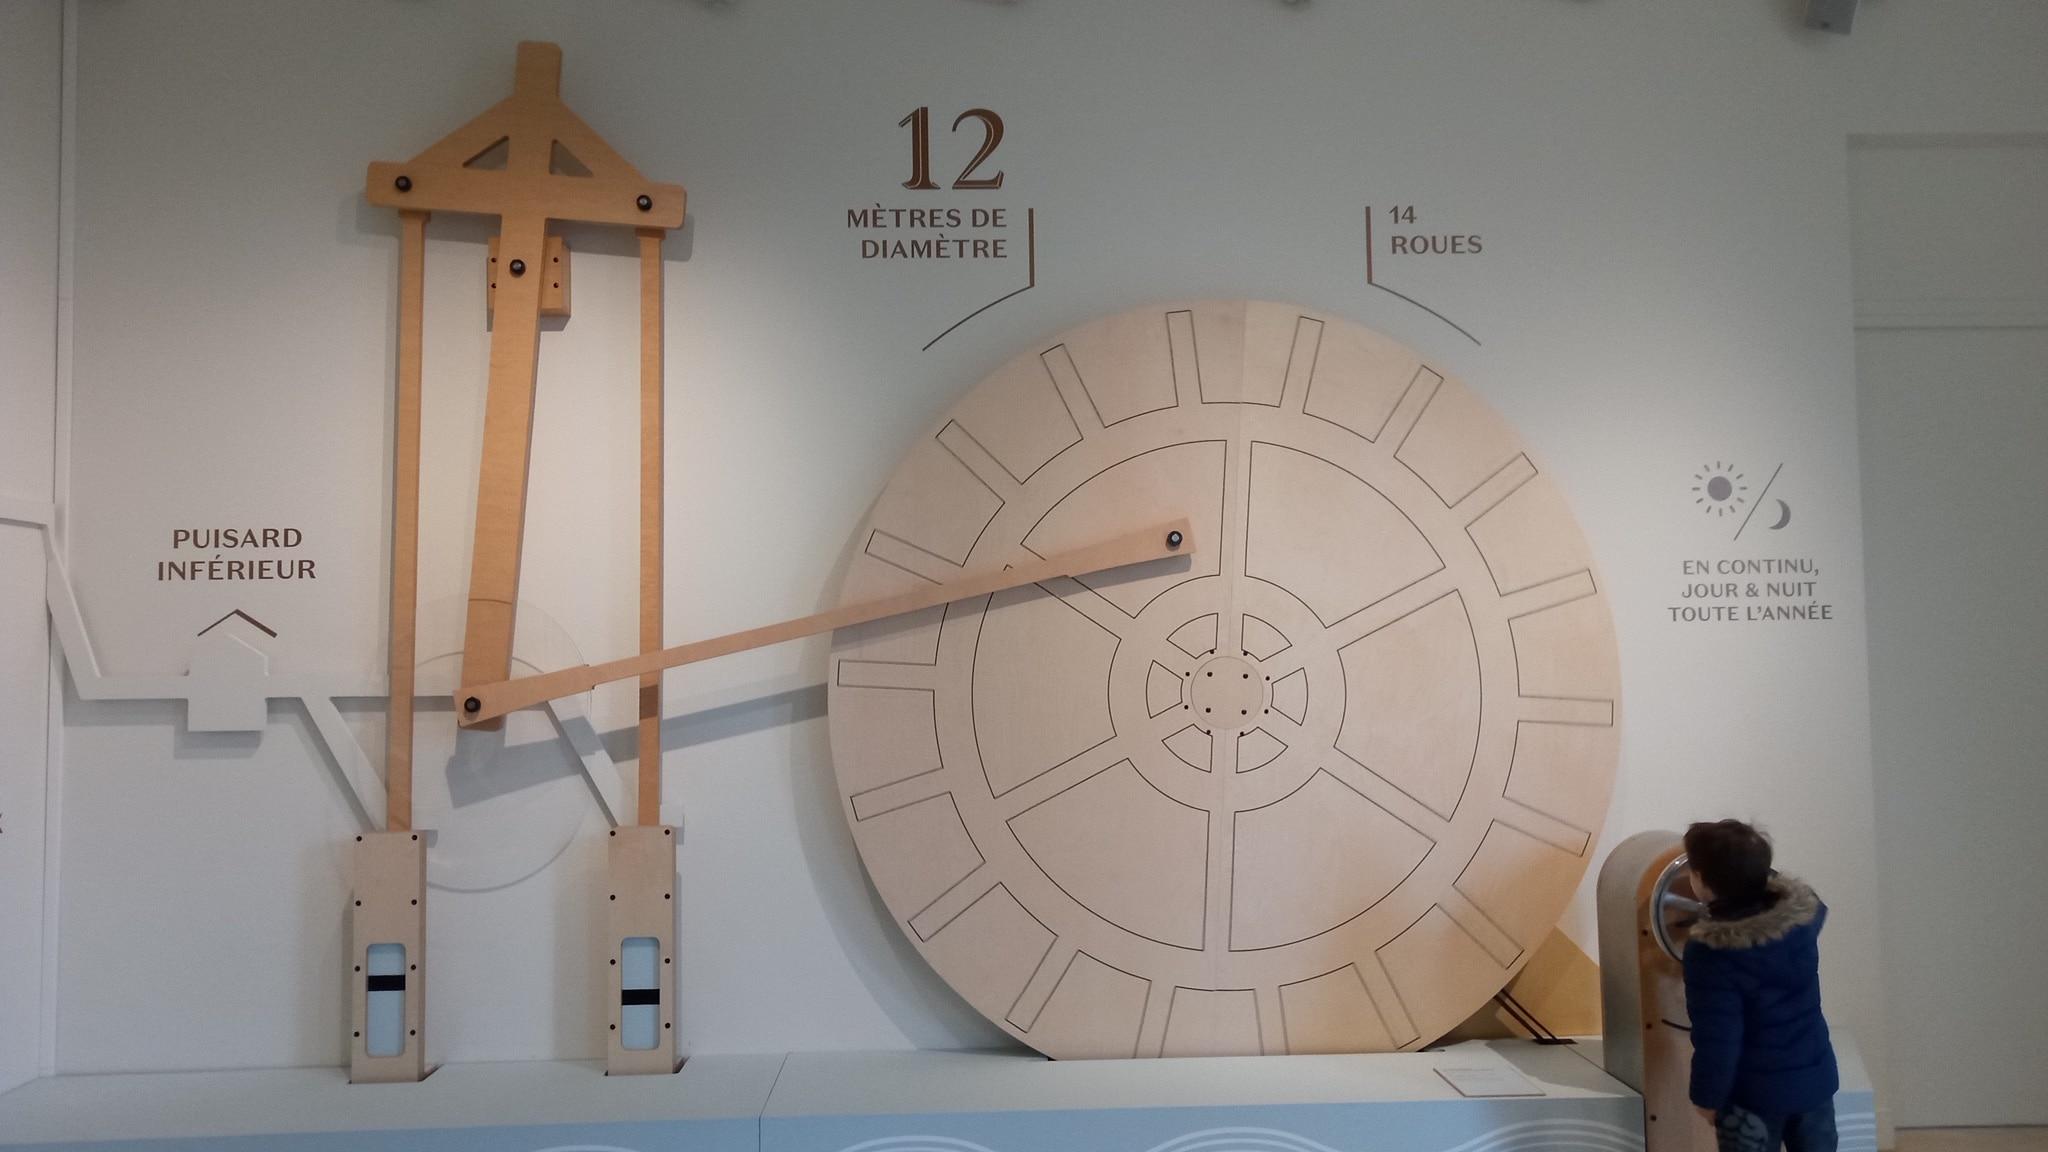 Musée du domaine royal de Marly - ouest de paris